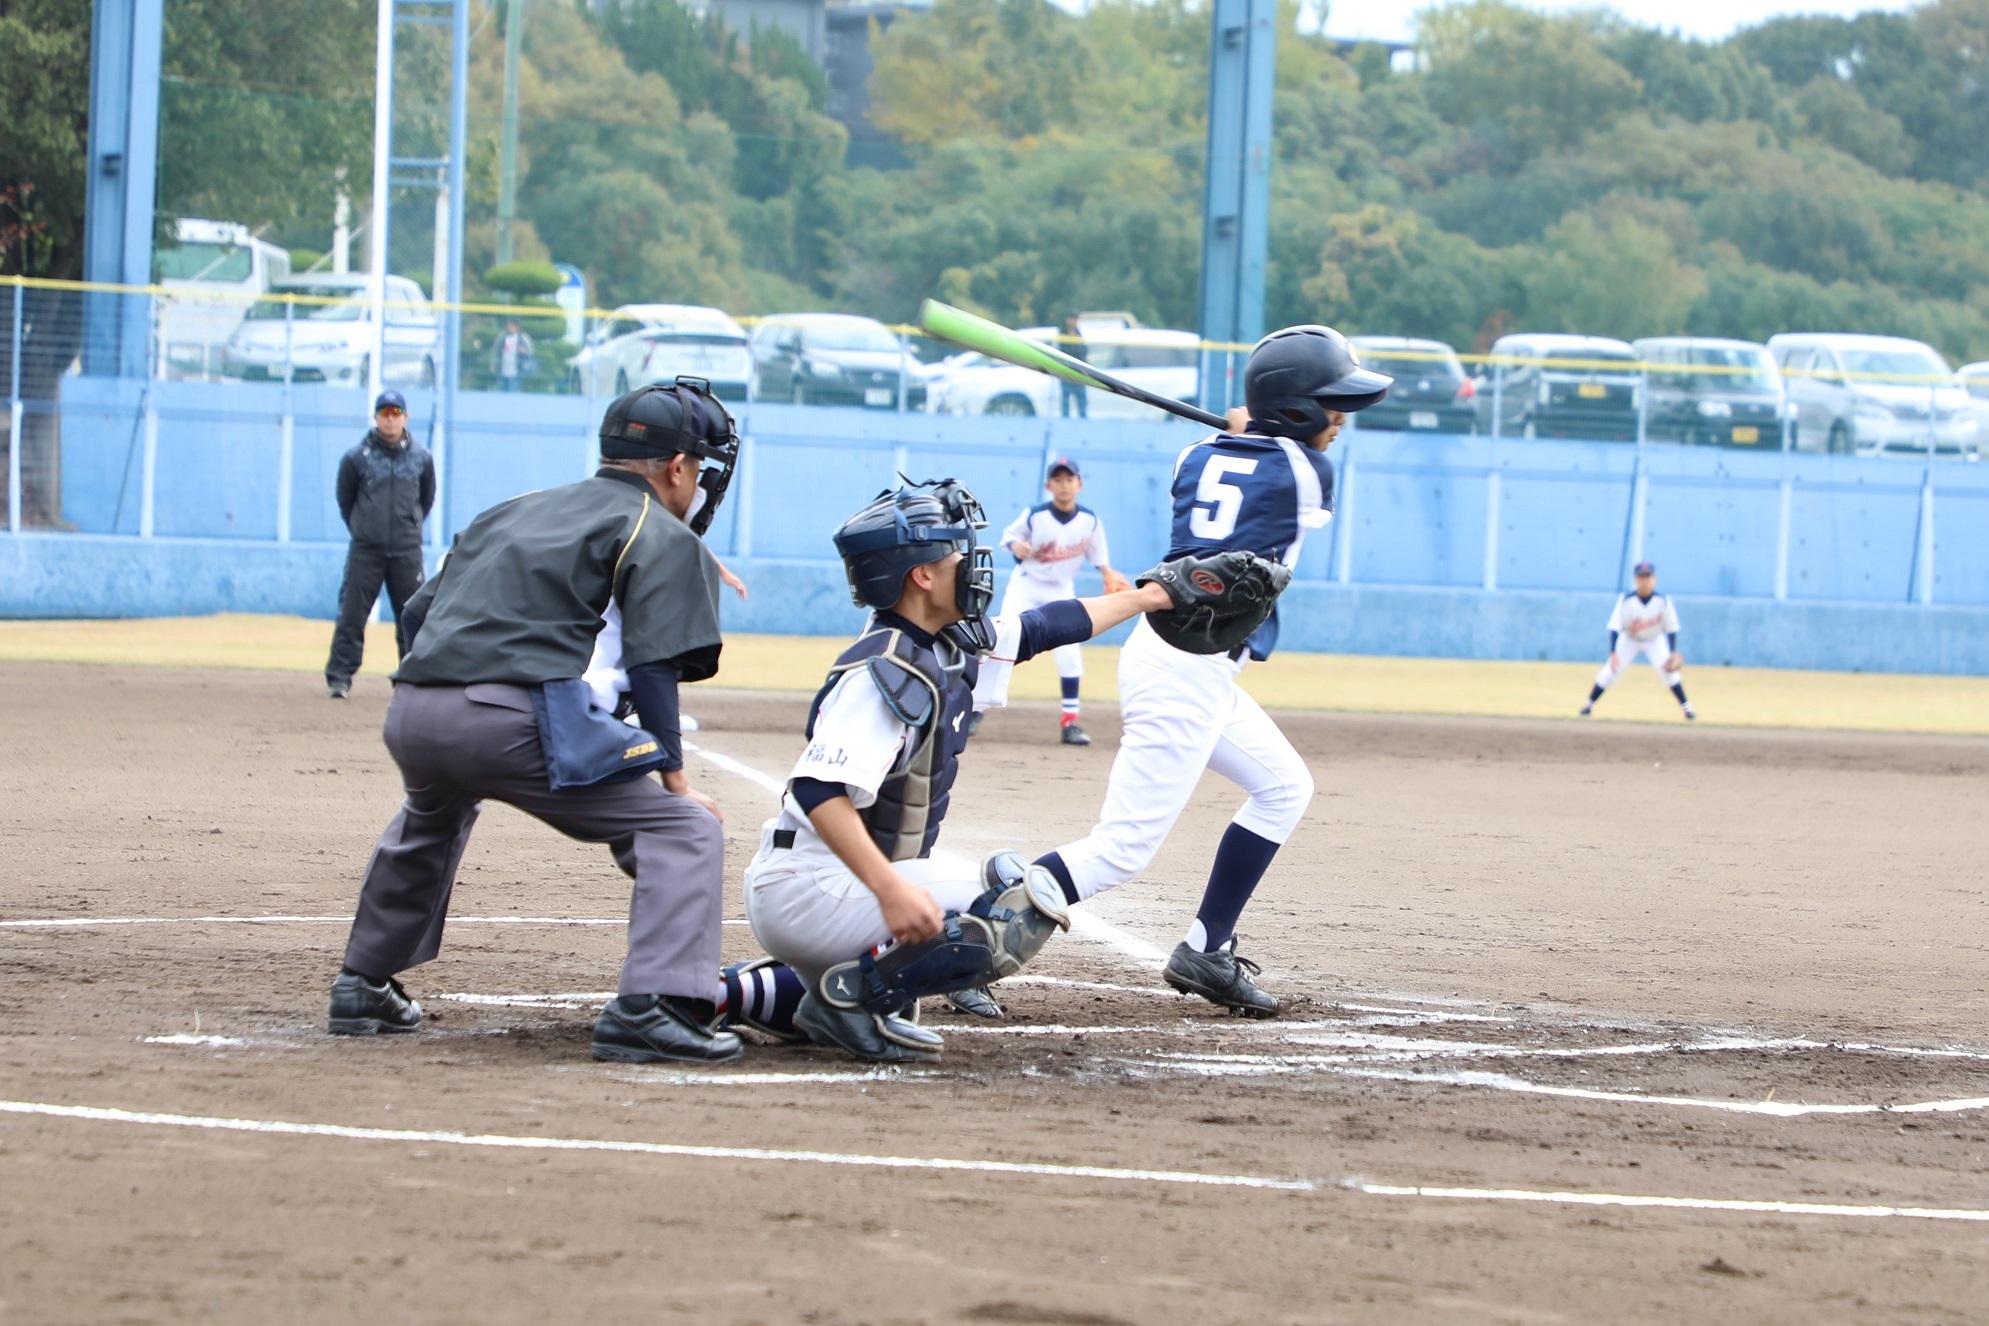 常石鉄工 第12回ツネイシホールディングス旗野球大会を開催 ~福山市内の中学生野球チーム8チームが出場~